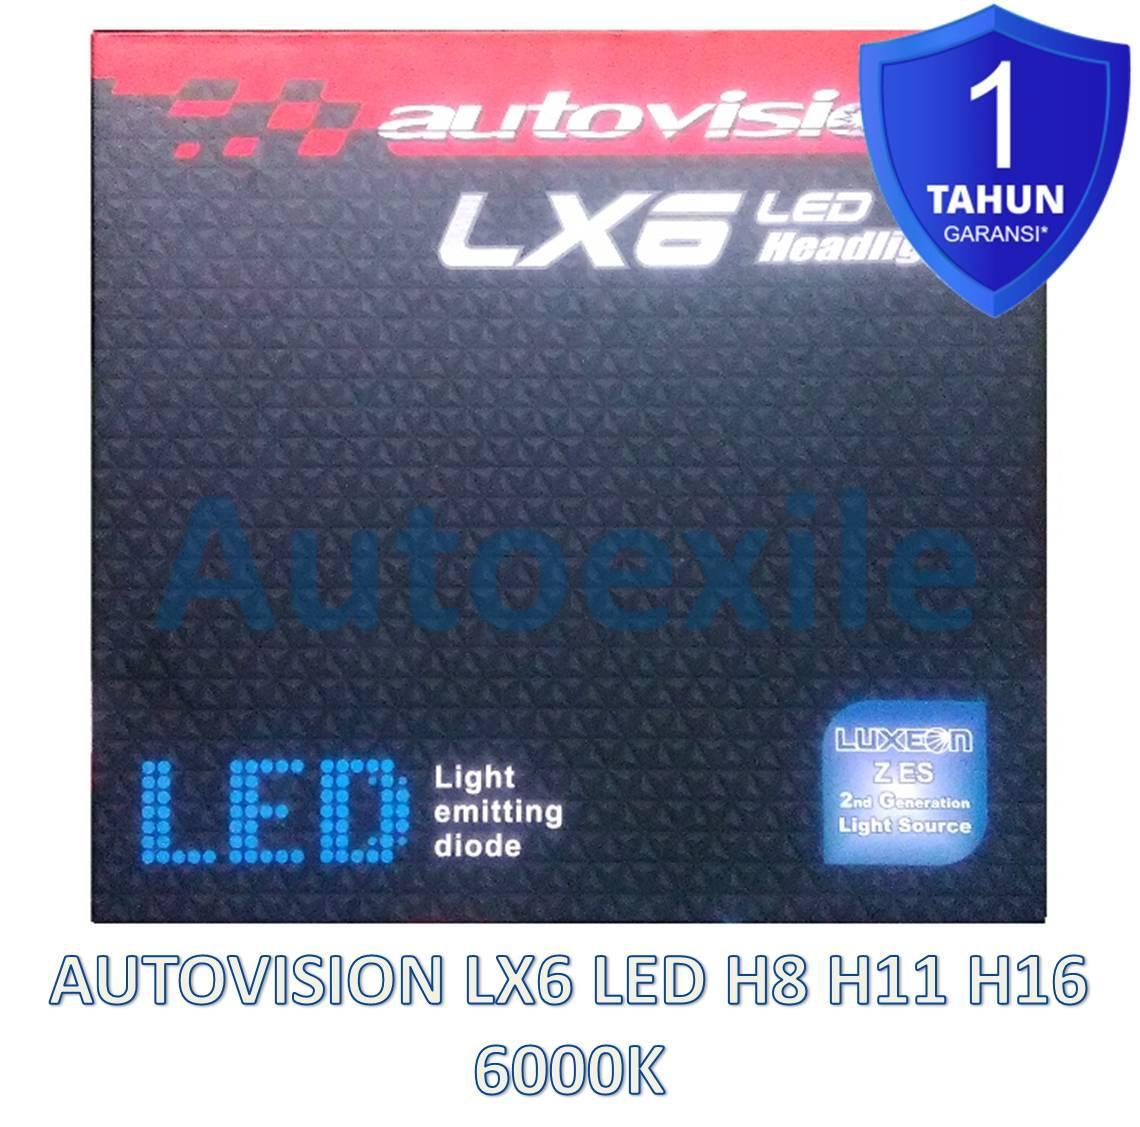 Autovision LX6 LED H8 H11 H16 25W 6000K Putih LX-6 Luxeon Z ES Generasi2 Lampu Foglamp Mobil Garansi